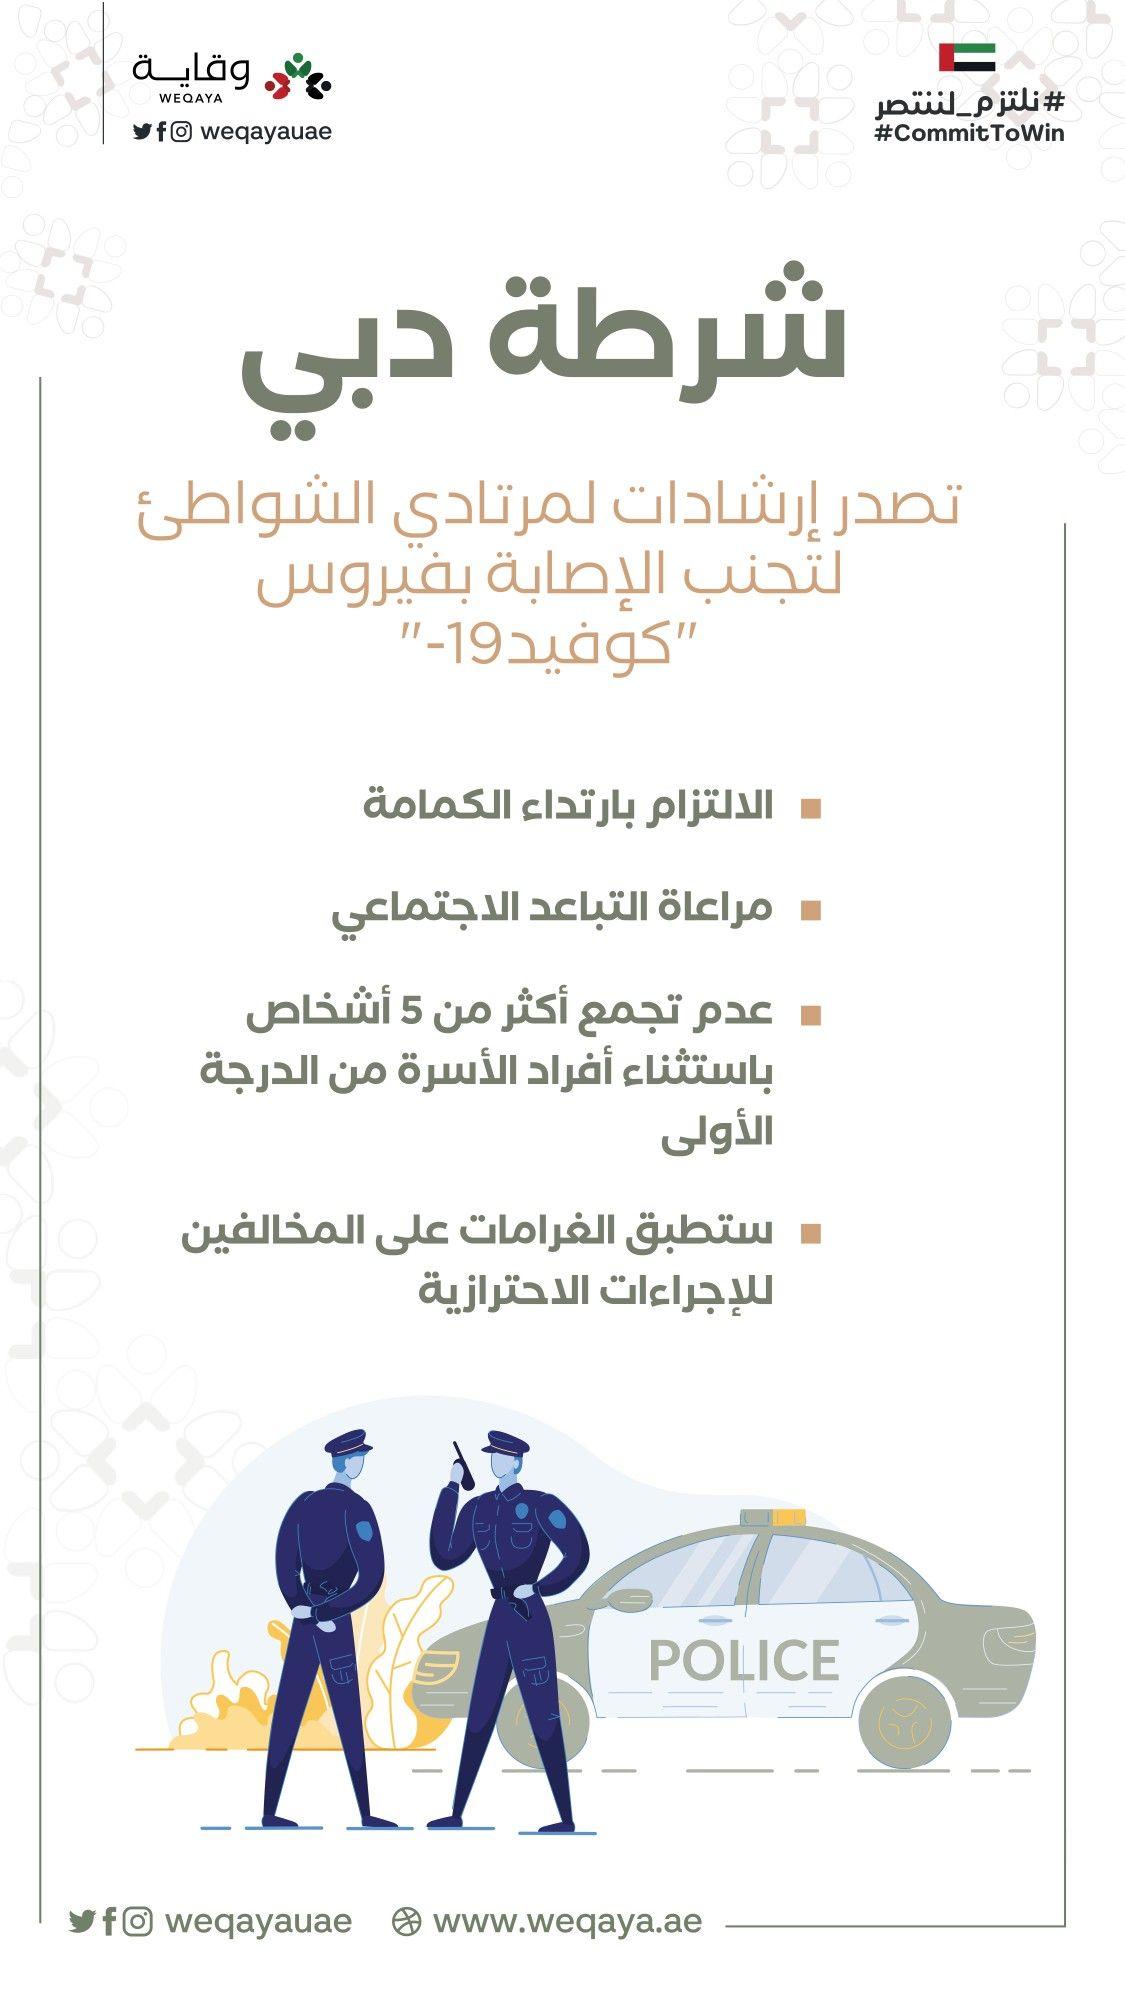 لأن سلامتكم تهمنا نرجوا منكم إتباع الإجراءات الإحترازية عند إرتياد شواطئ إمارة دبي Memes Ecard Meme Commitment